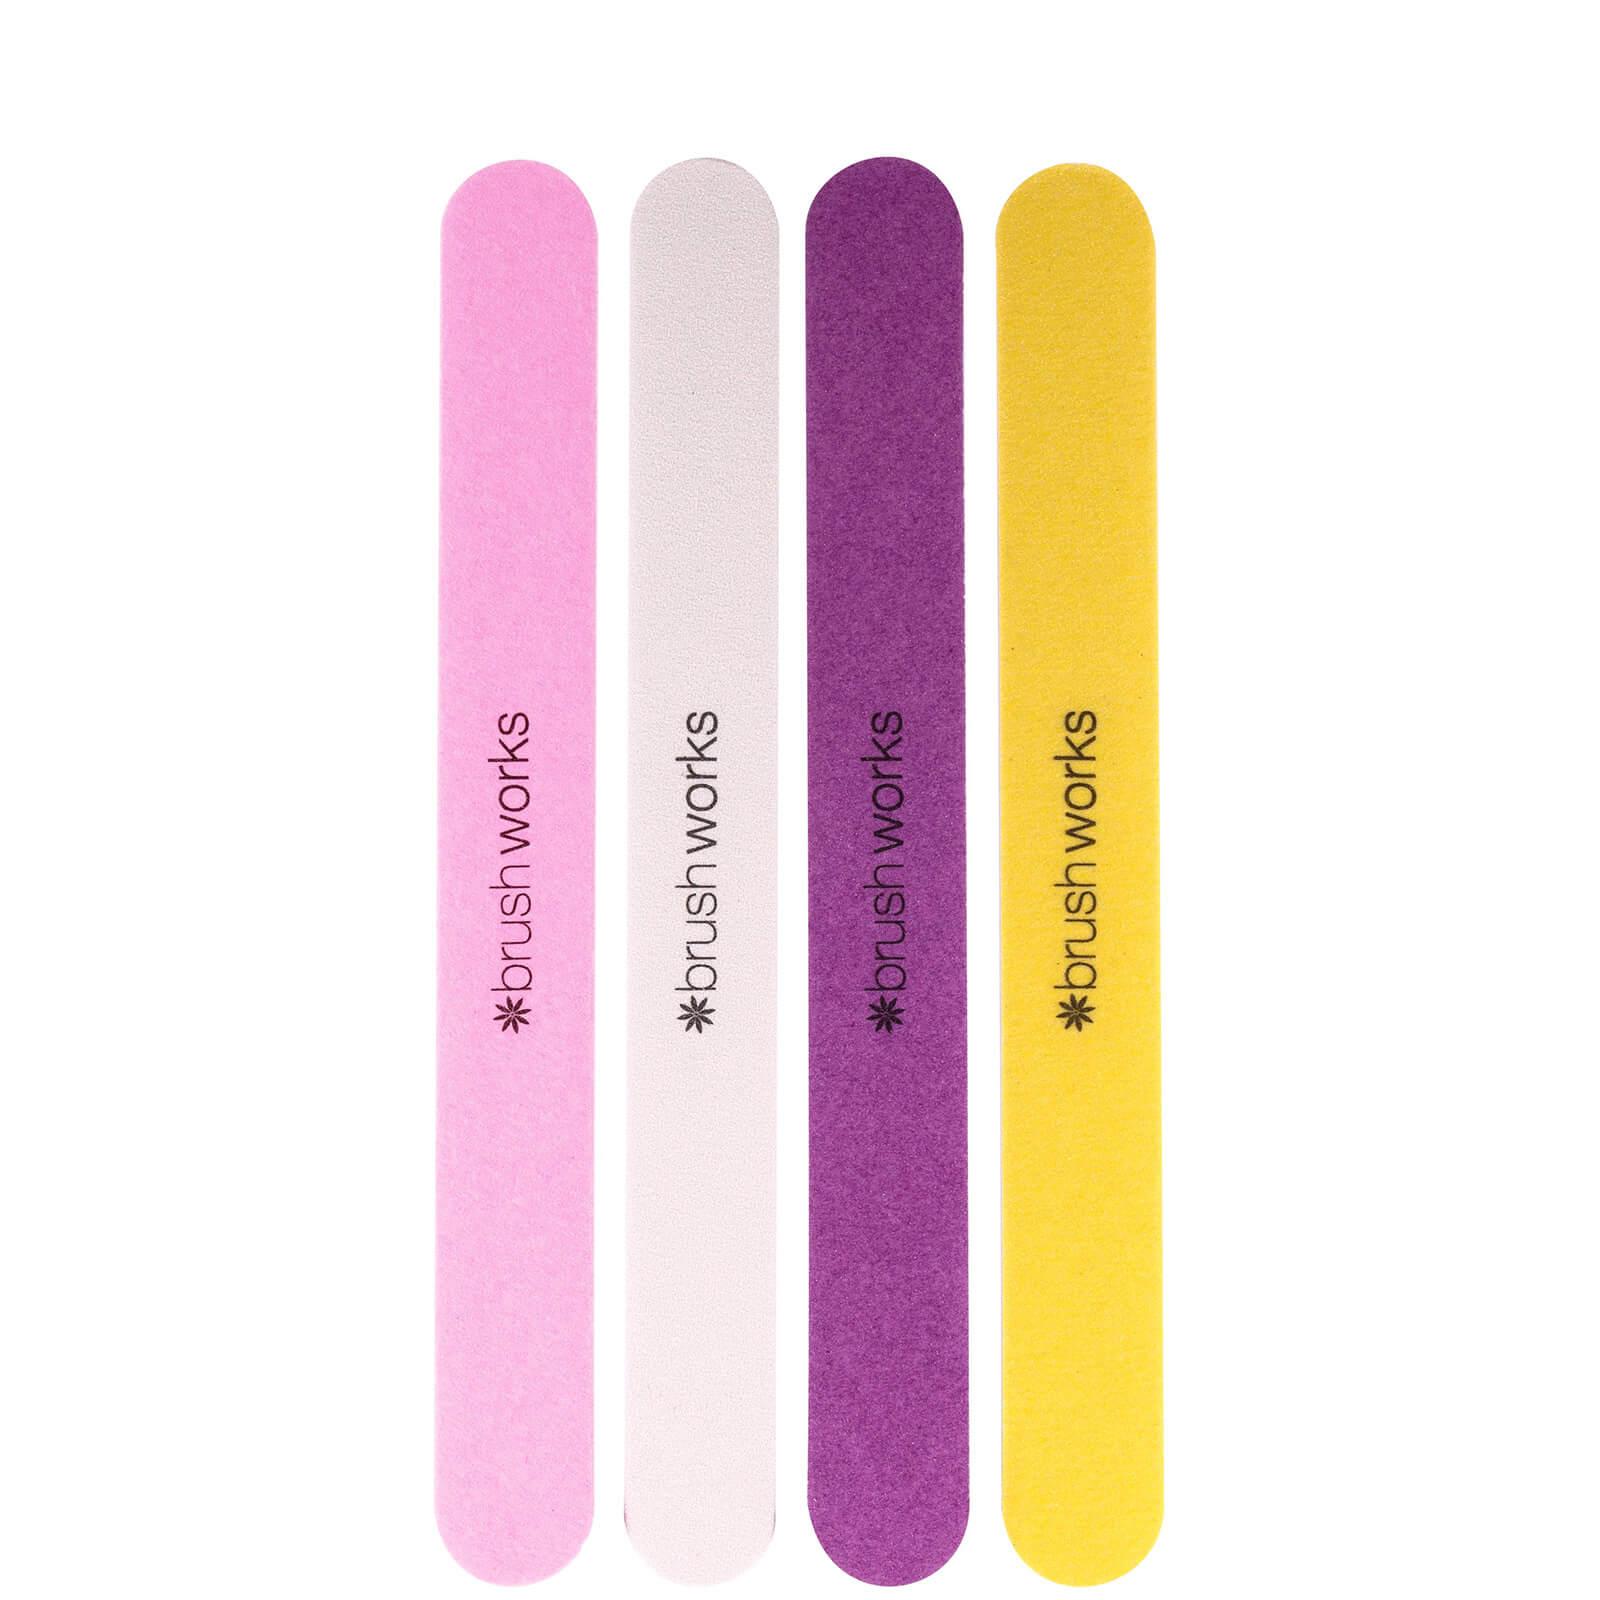 Купить Цветные пилки для ногтей brushworks Coloured Emery Boards (4 шт. в упаковке)